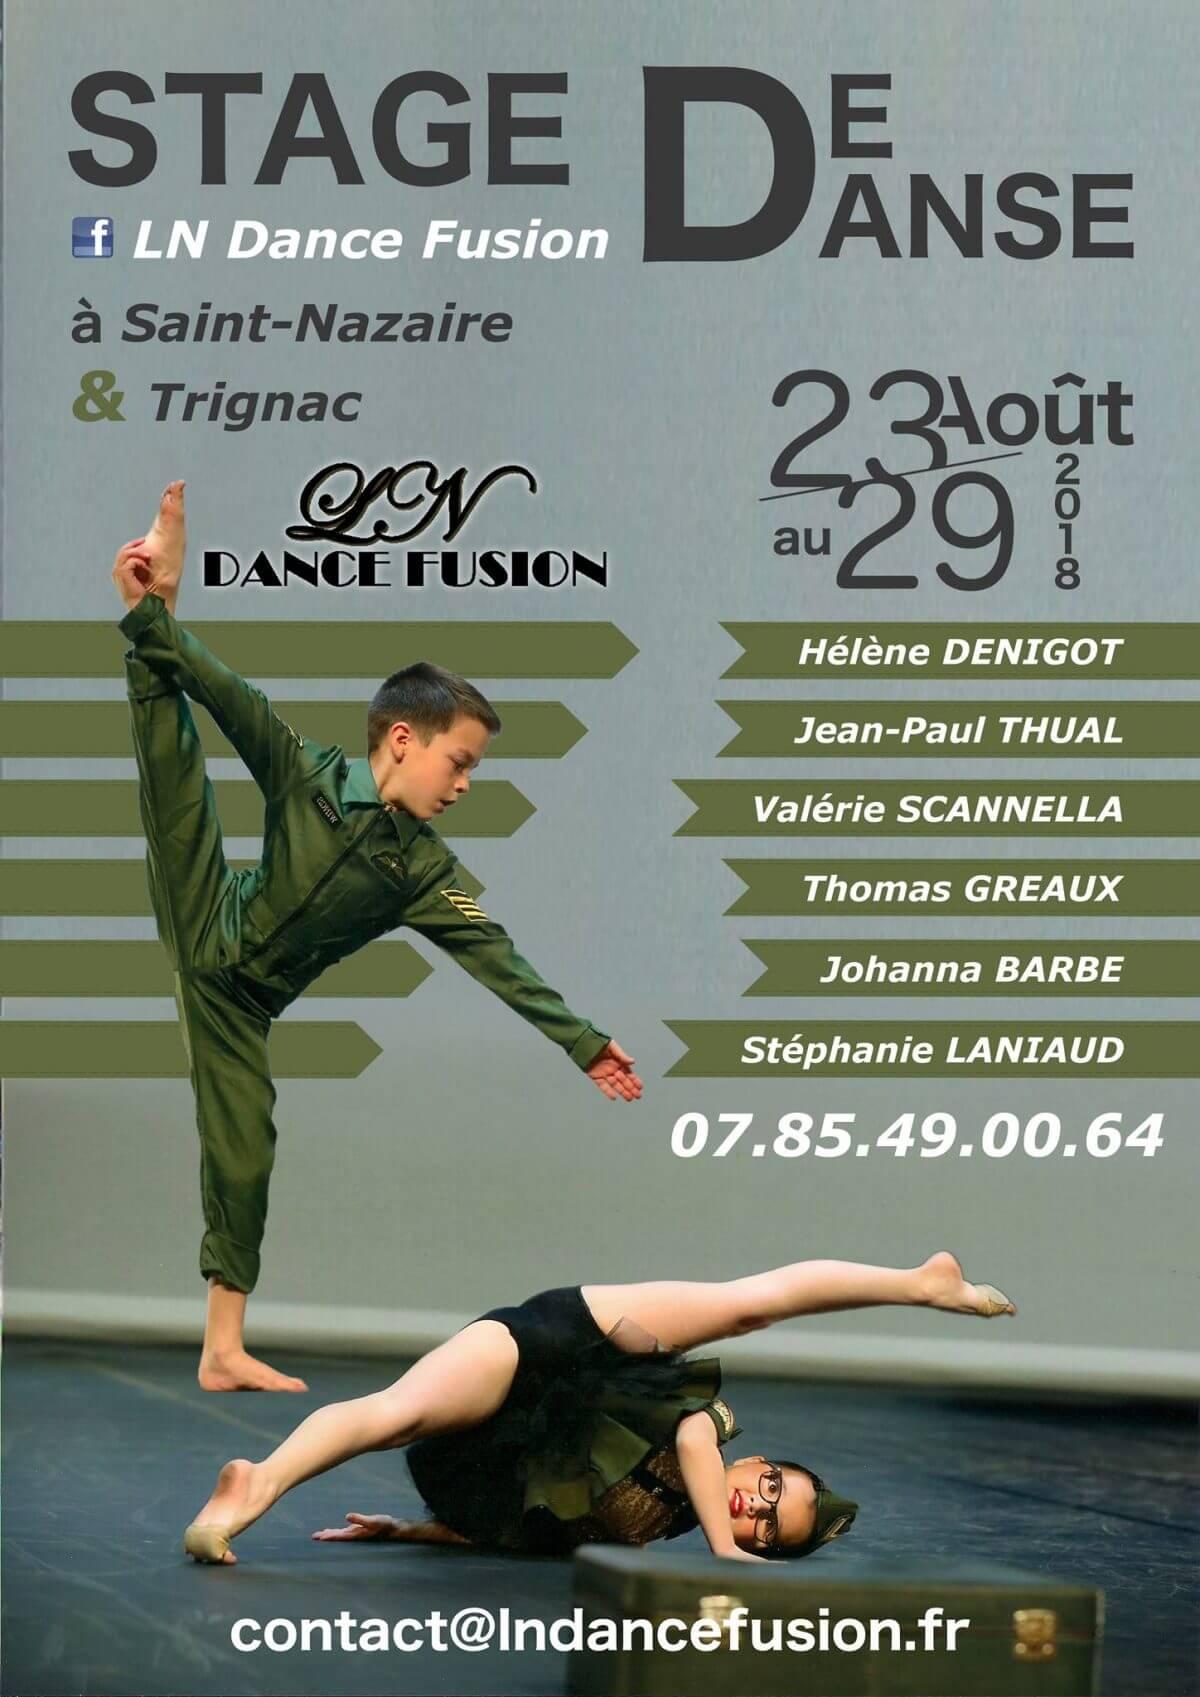 Affiche stage de danse LN Dance Fusion à Trignac